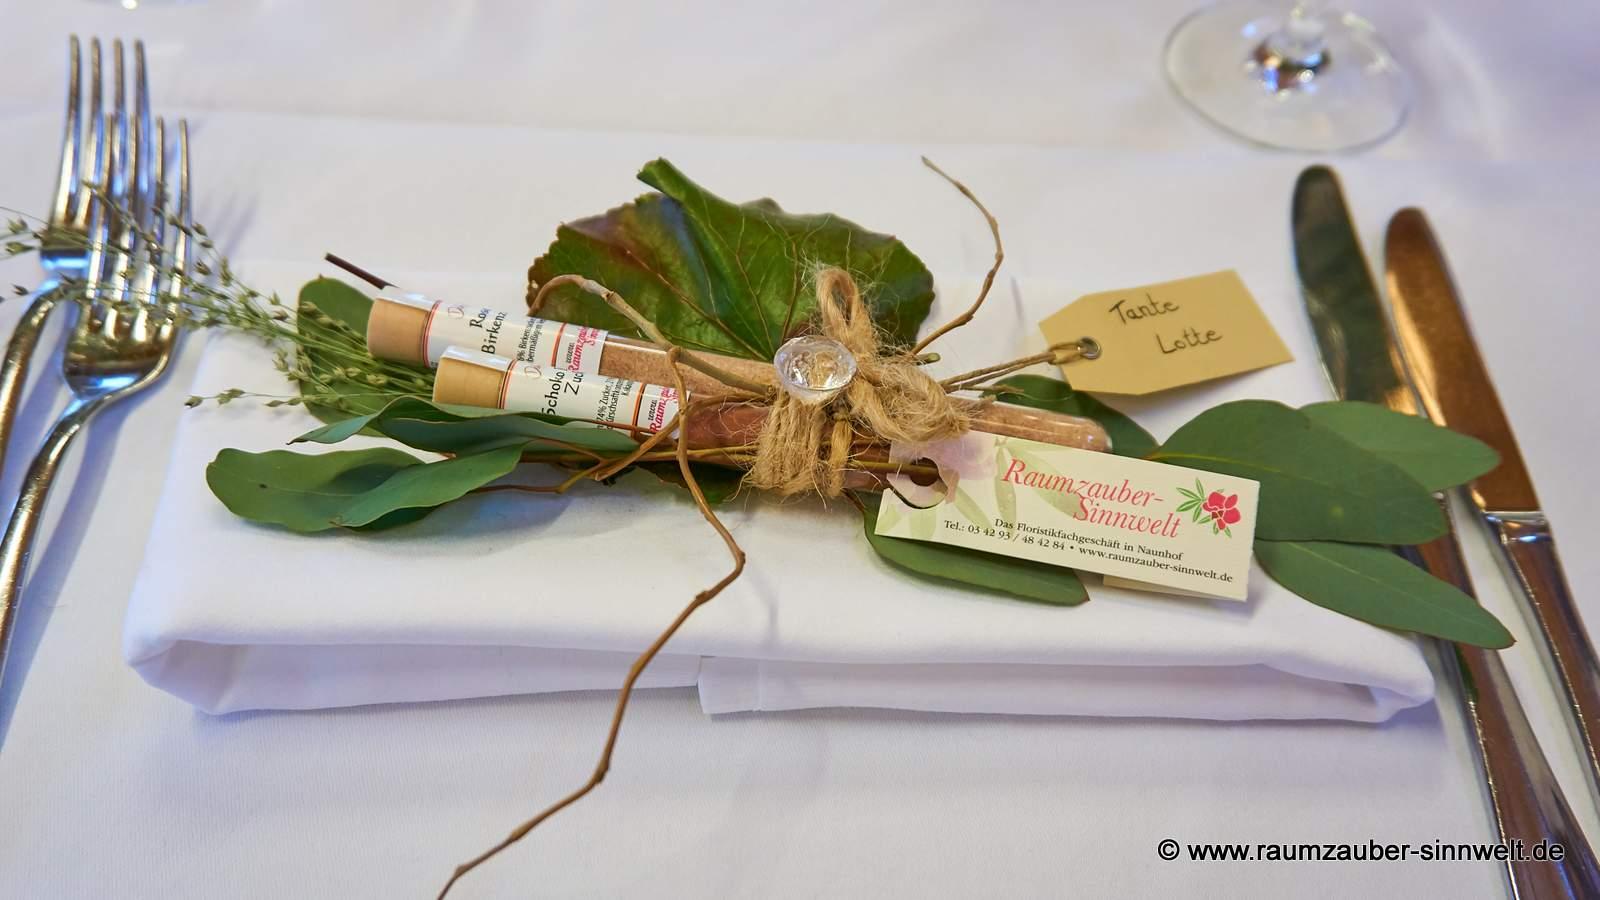 dekorierte Gewürz - Röhrchen als Gastgeschenk